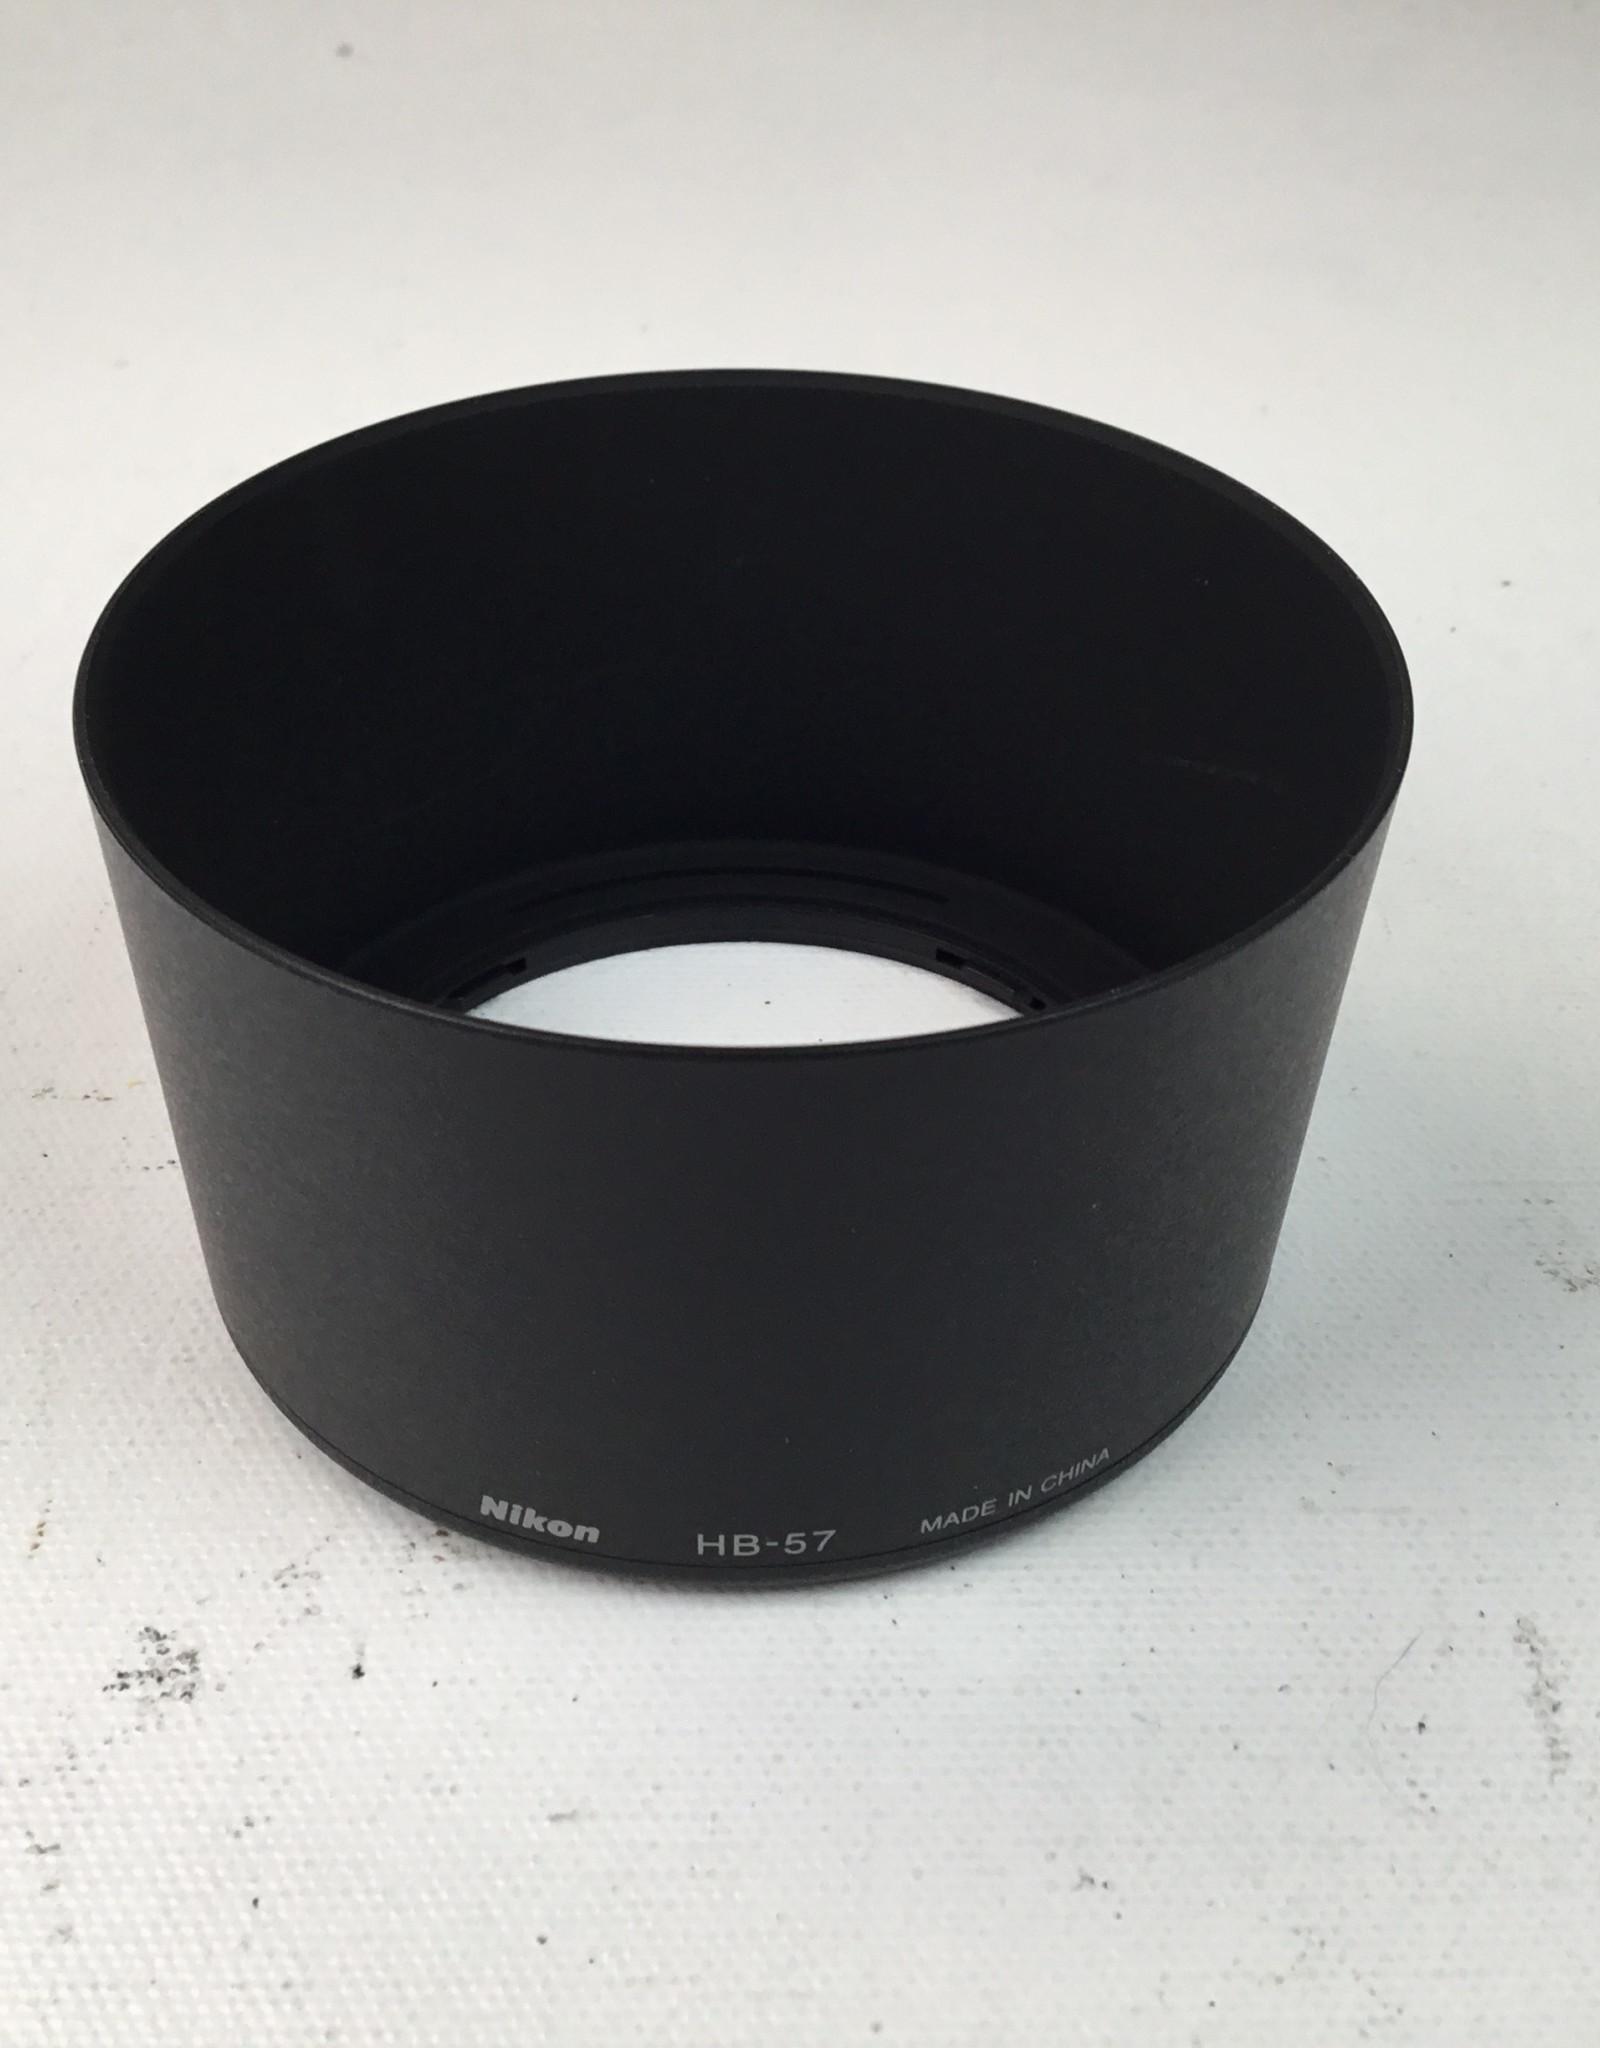 NIKON Nikon HB-57 Lens Hood for 55-300mm VR Used EX+